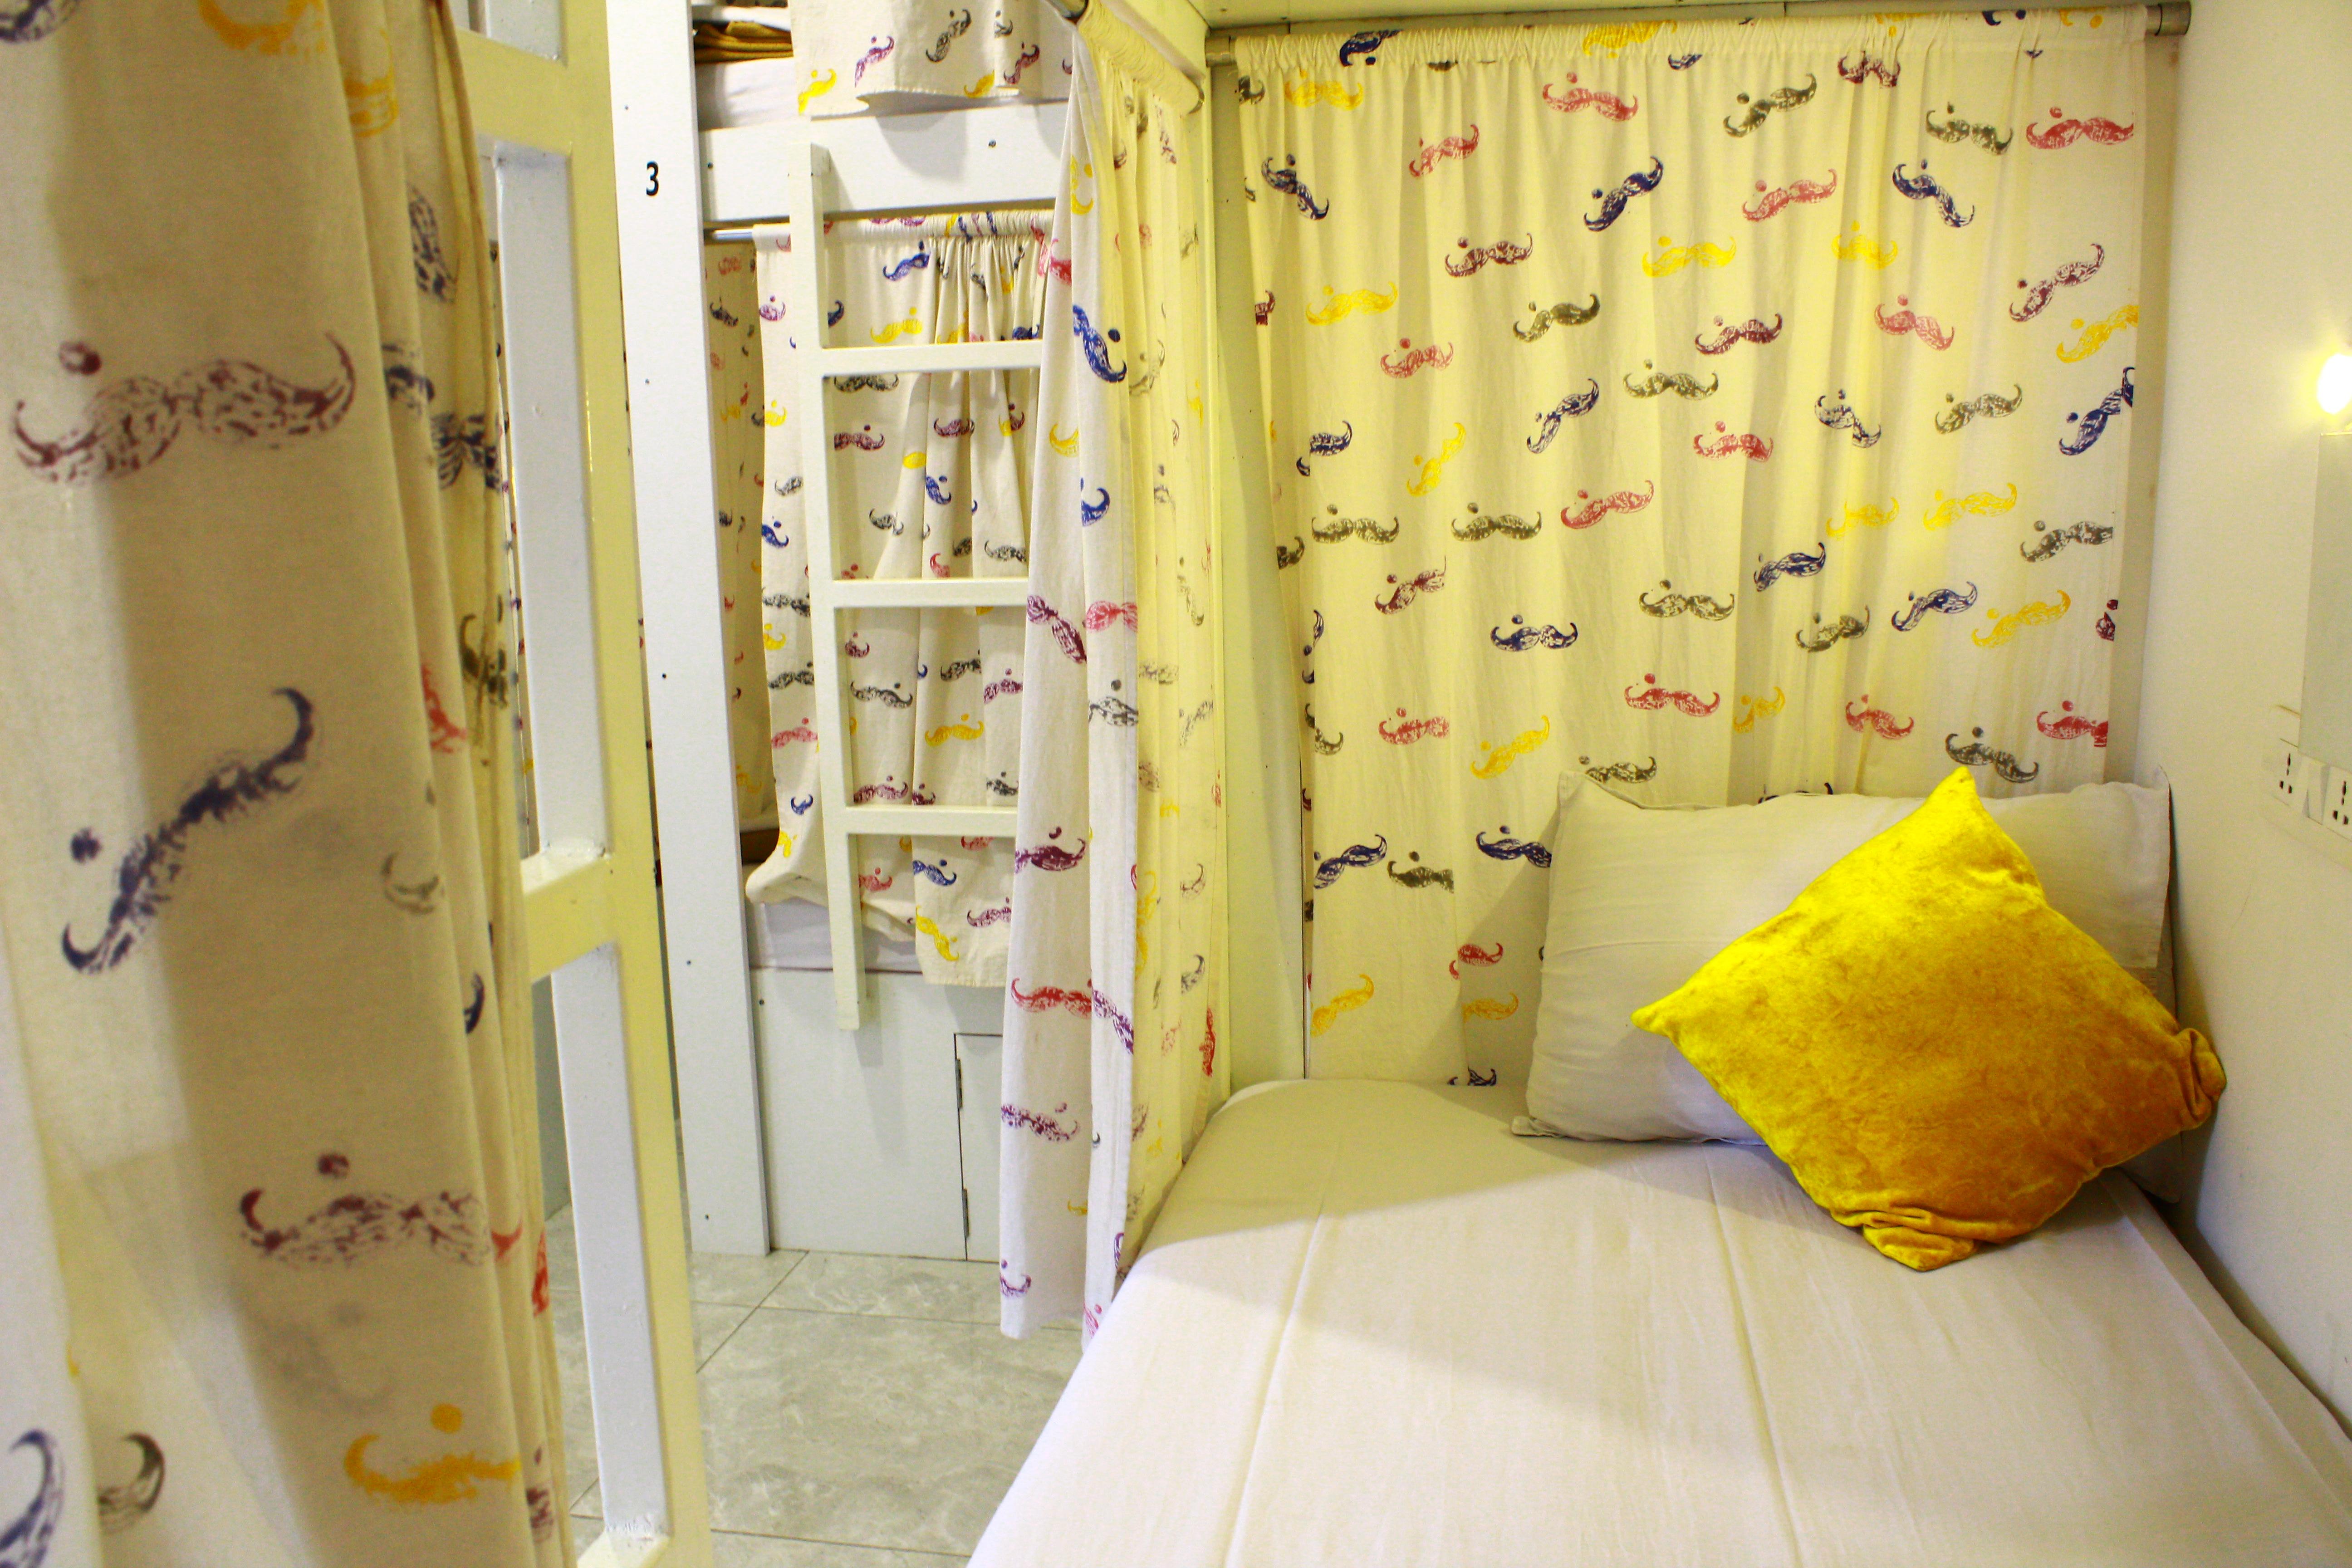 Standard 4 Bed Female Non AC Dorm